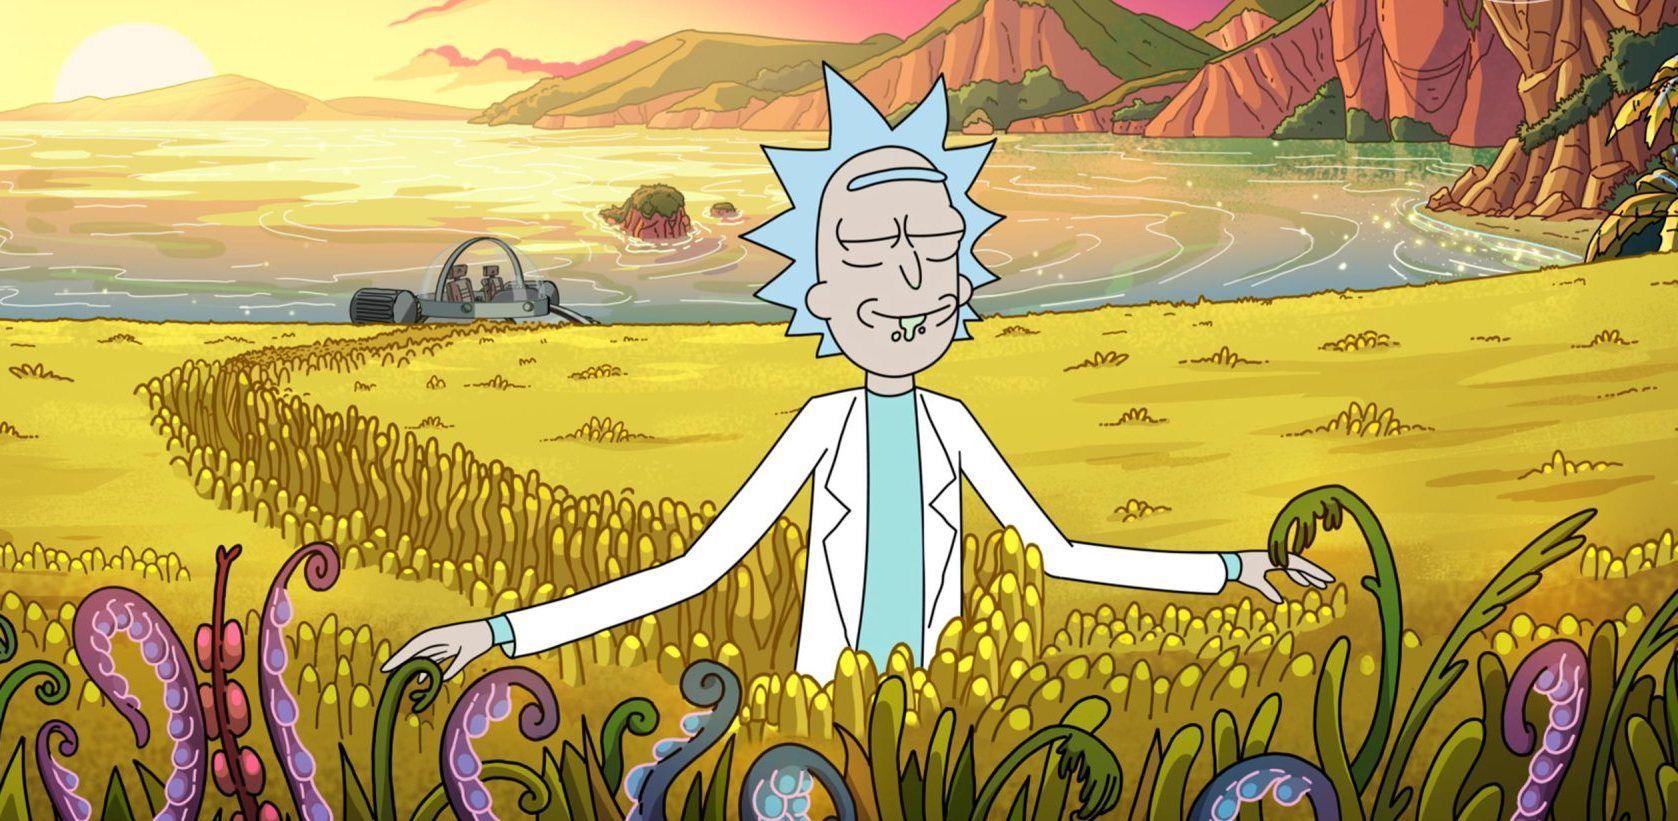 Análisis de la temporada 4 de Rick y Morty